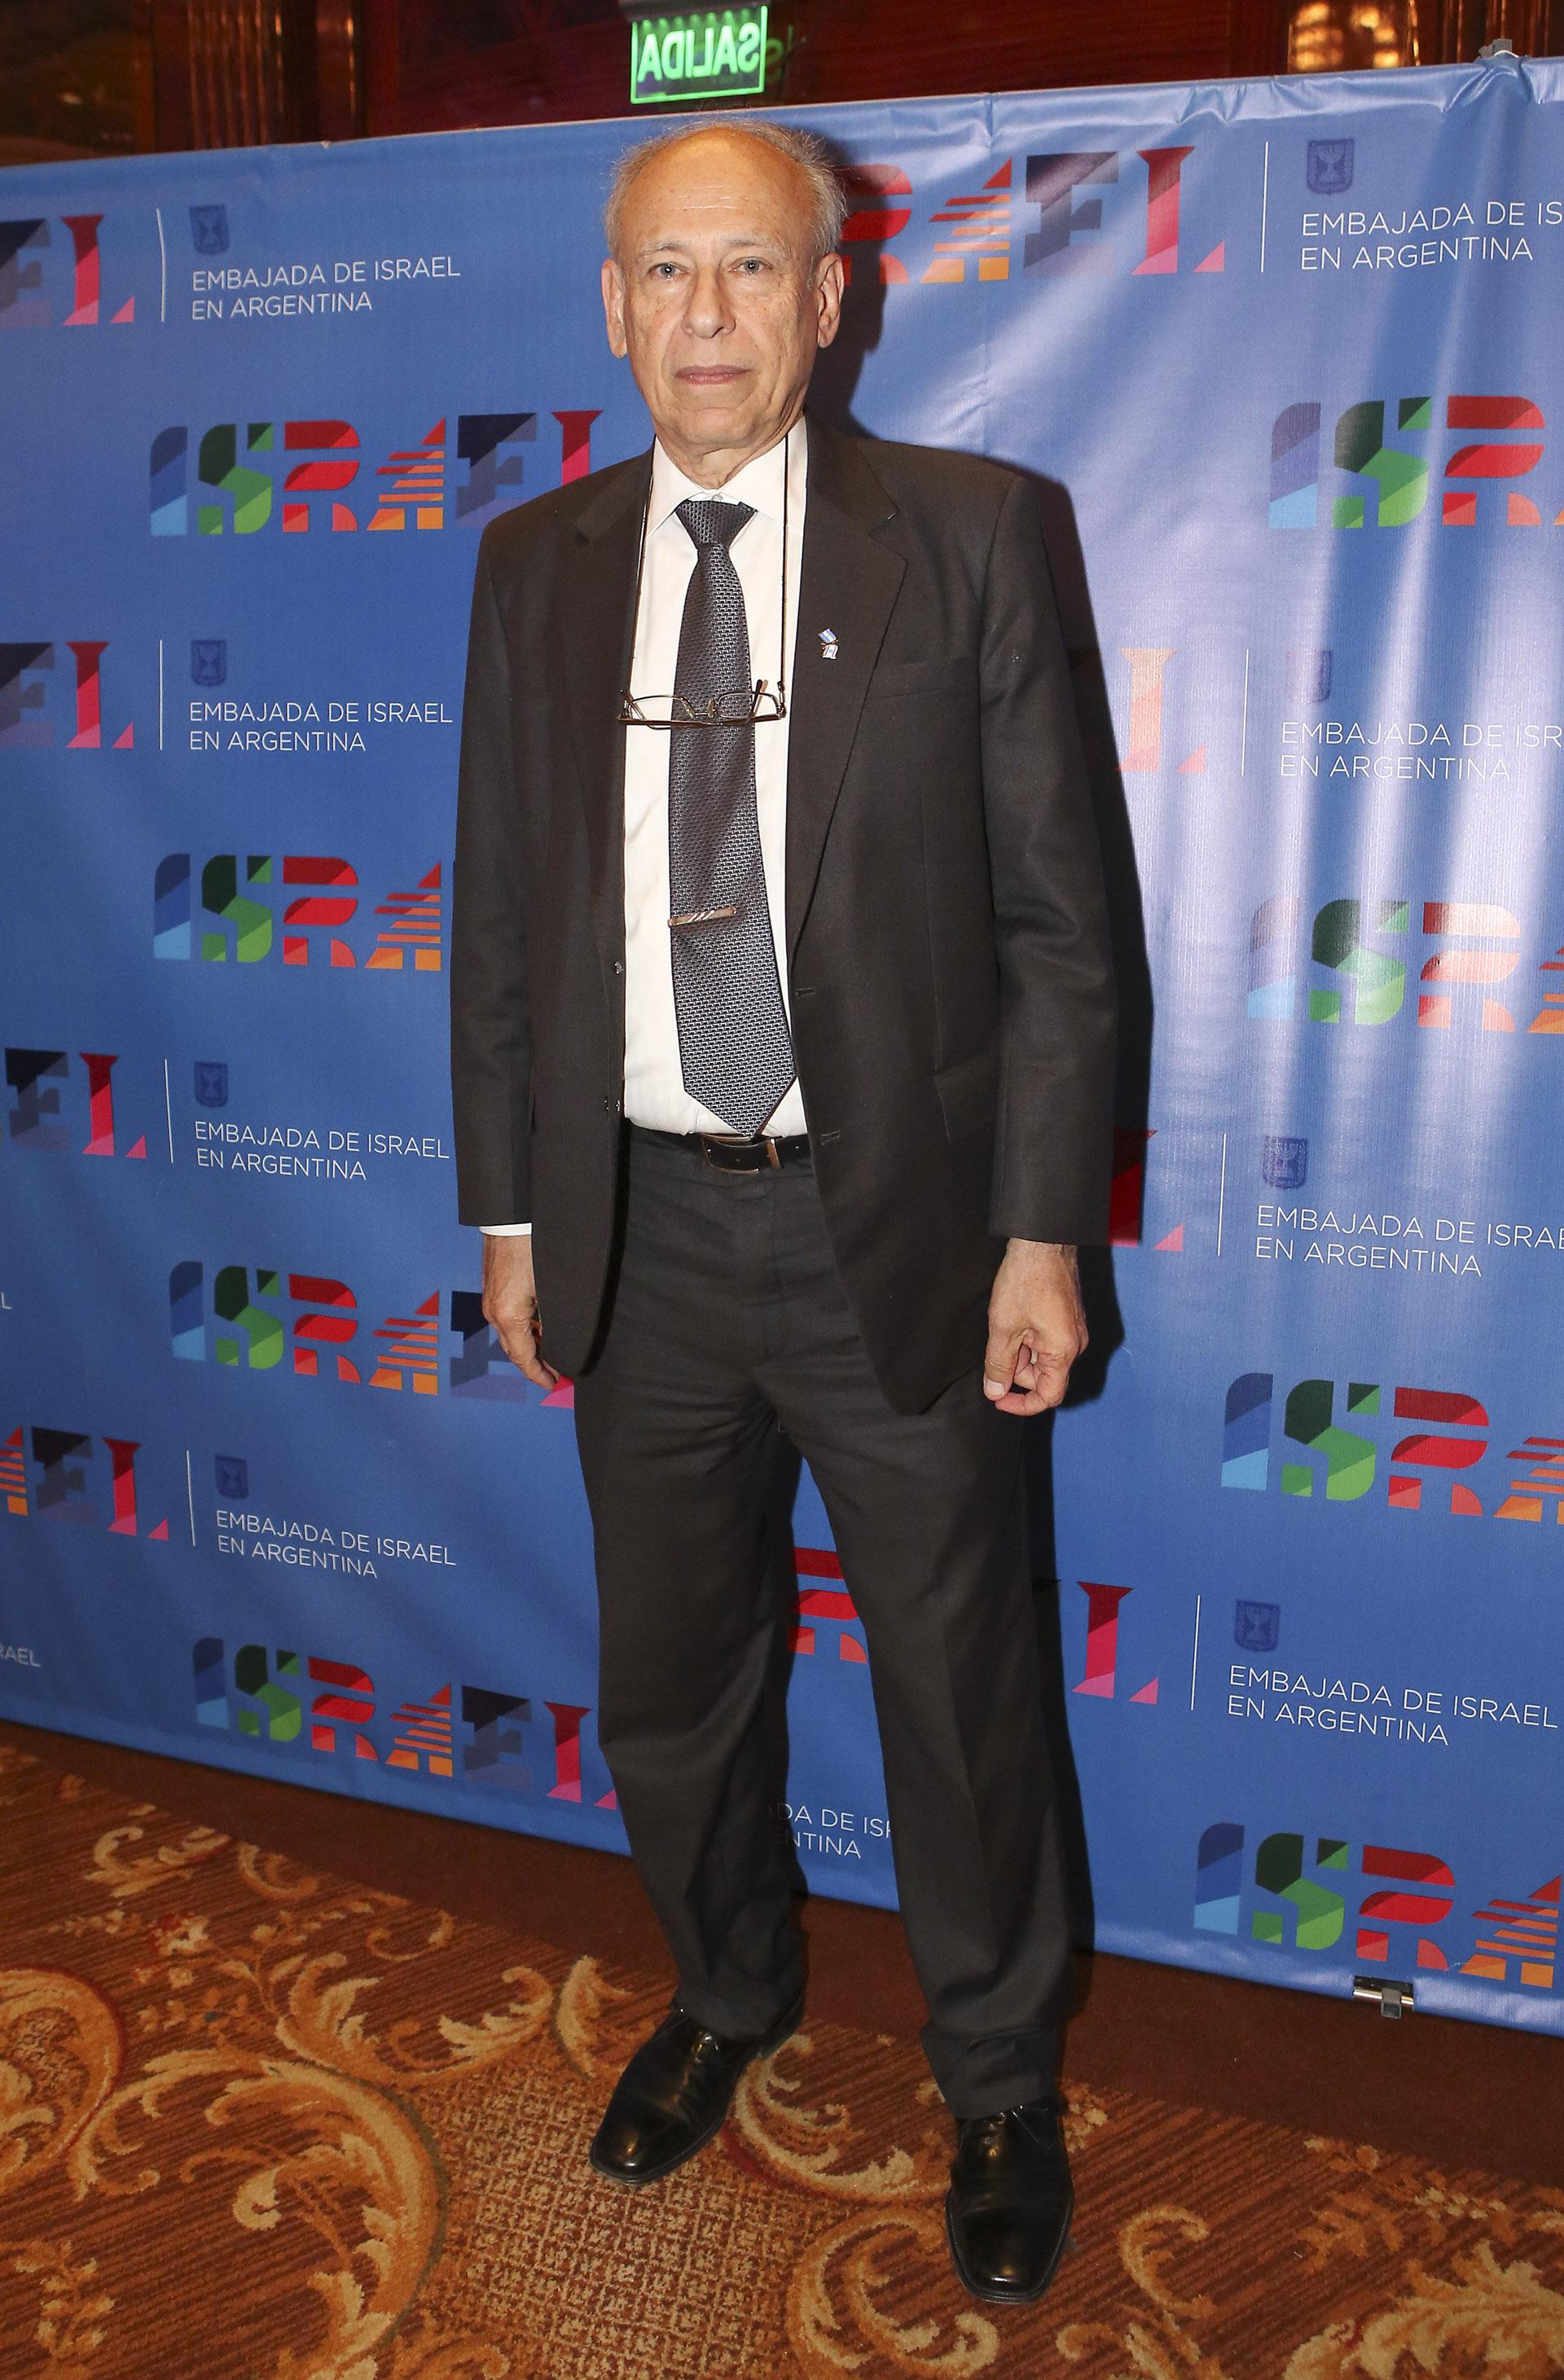 El presidente de la Fundación Konex, Luis Ovsejevich